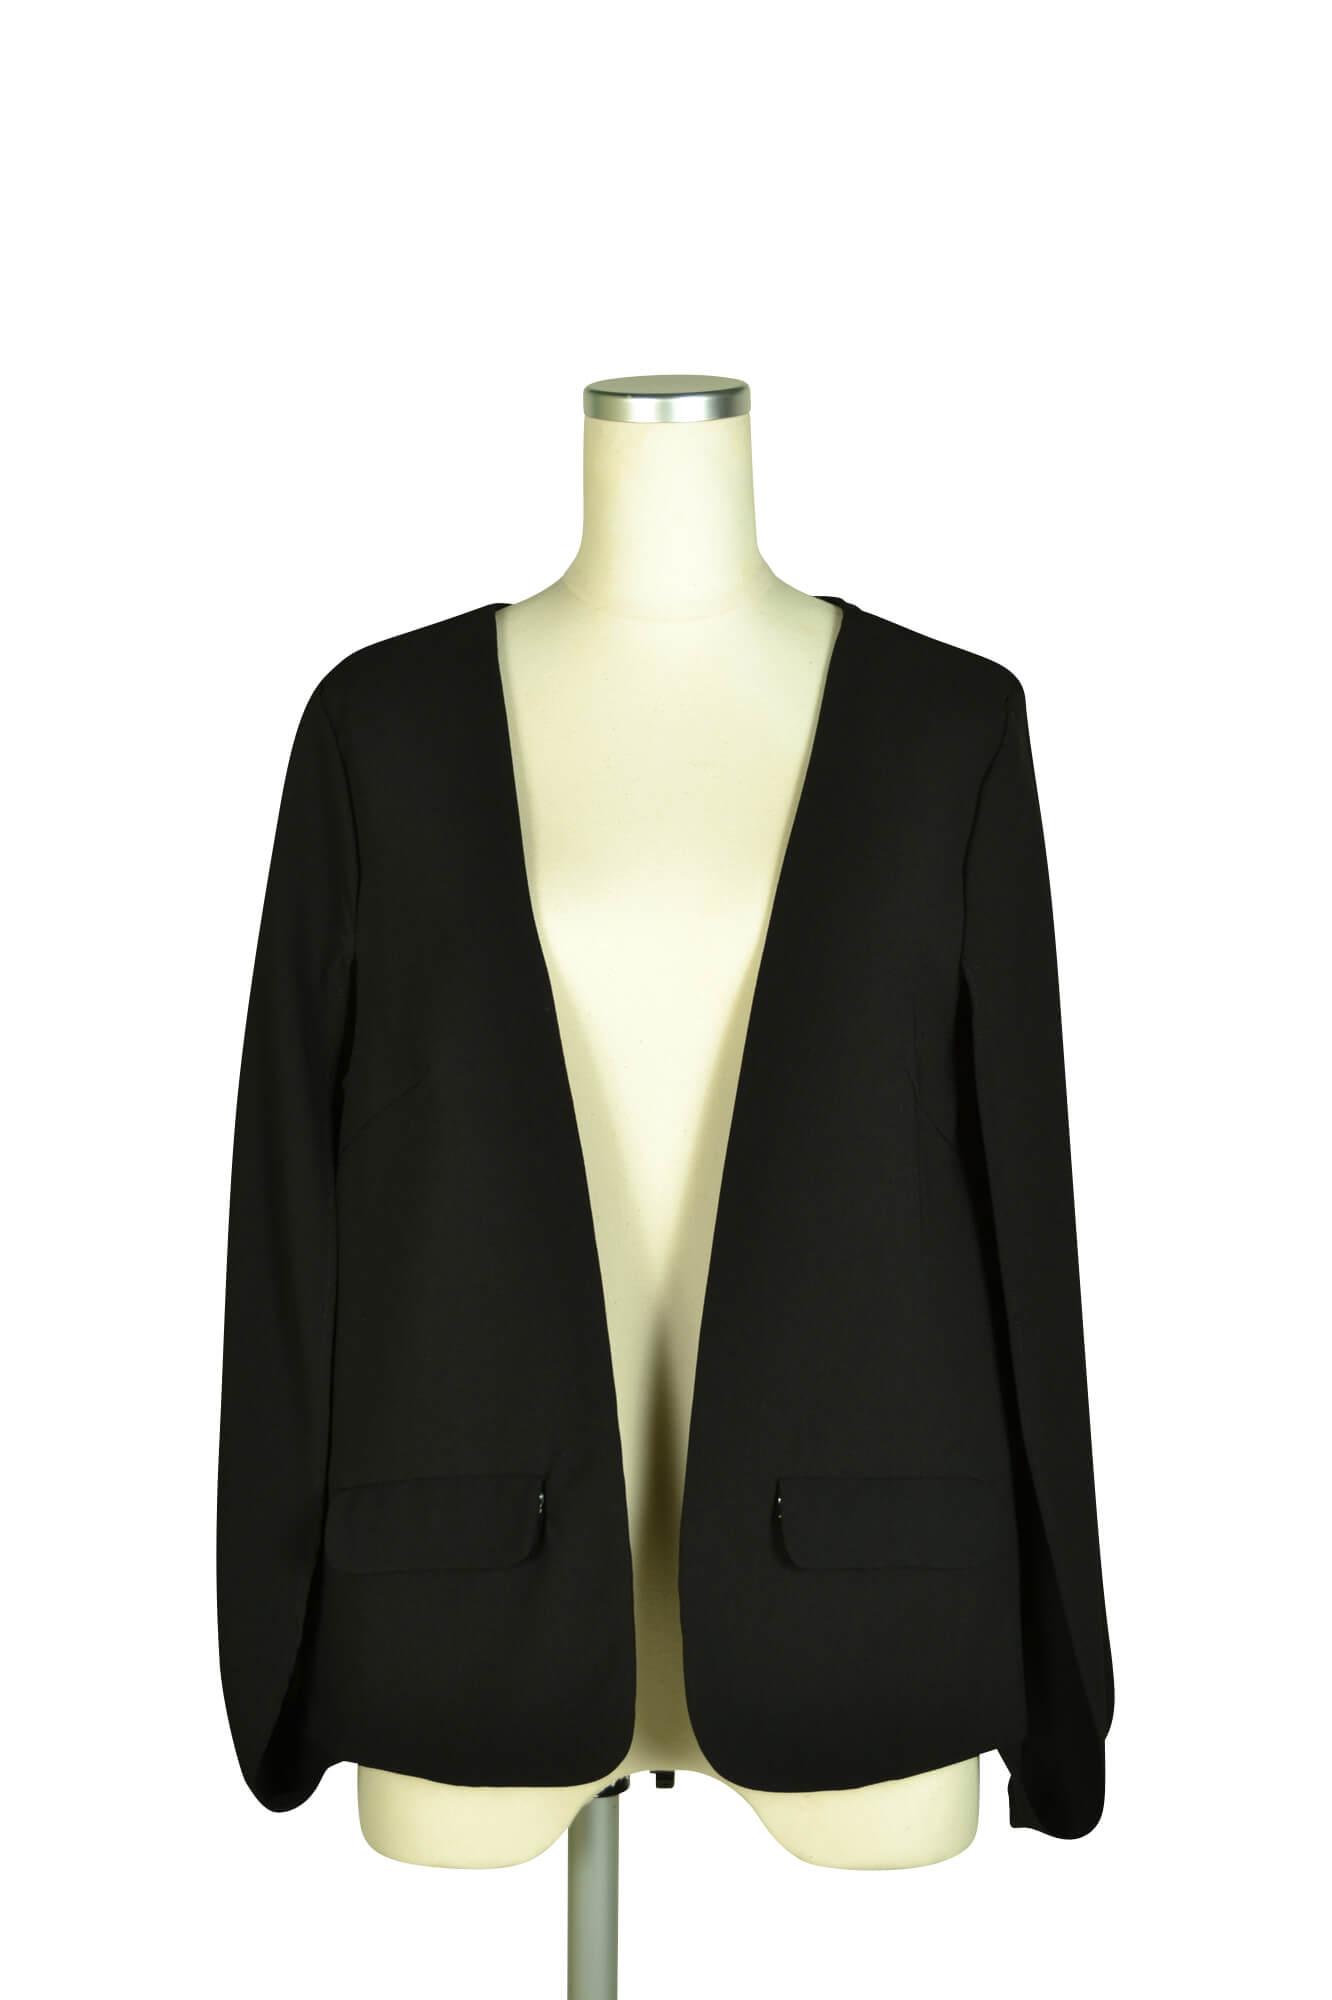 デリセノアール (DELLISE NOIR)ケープ袖ブラックジャケット